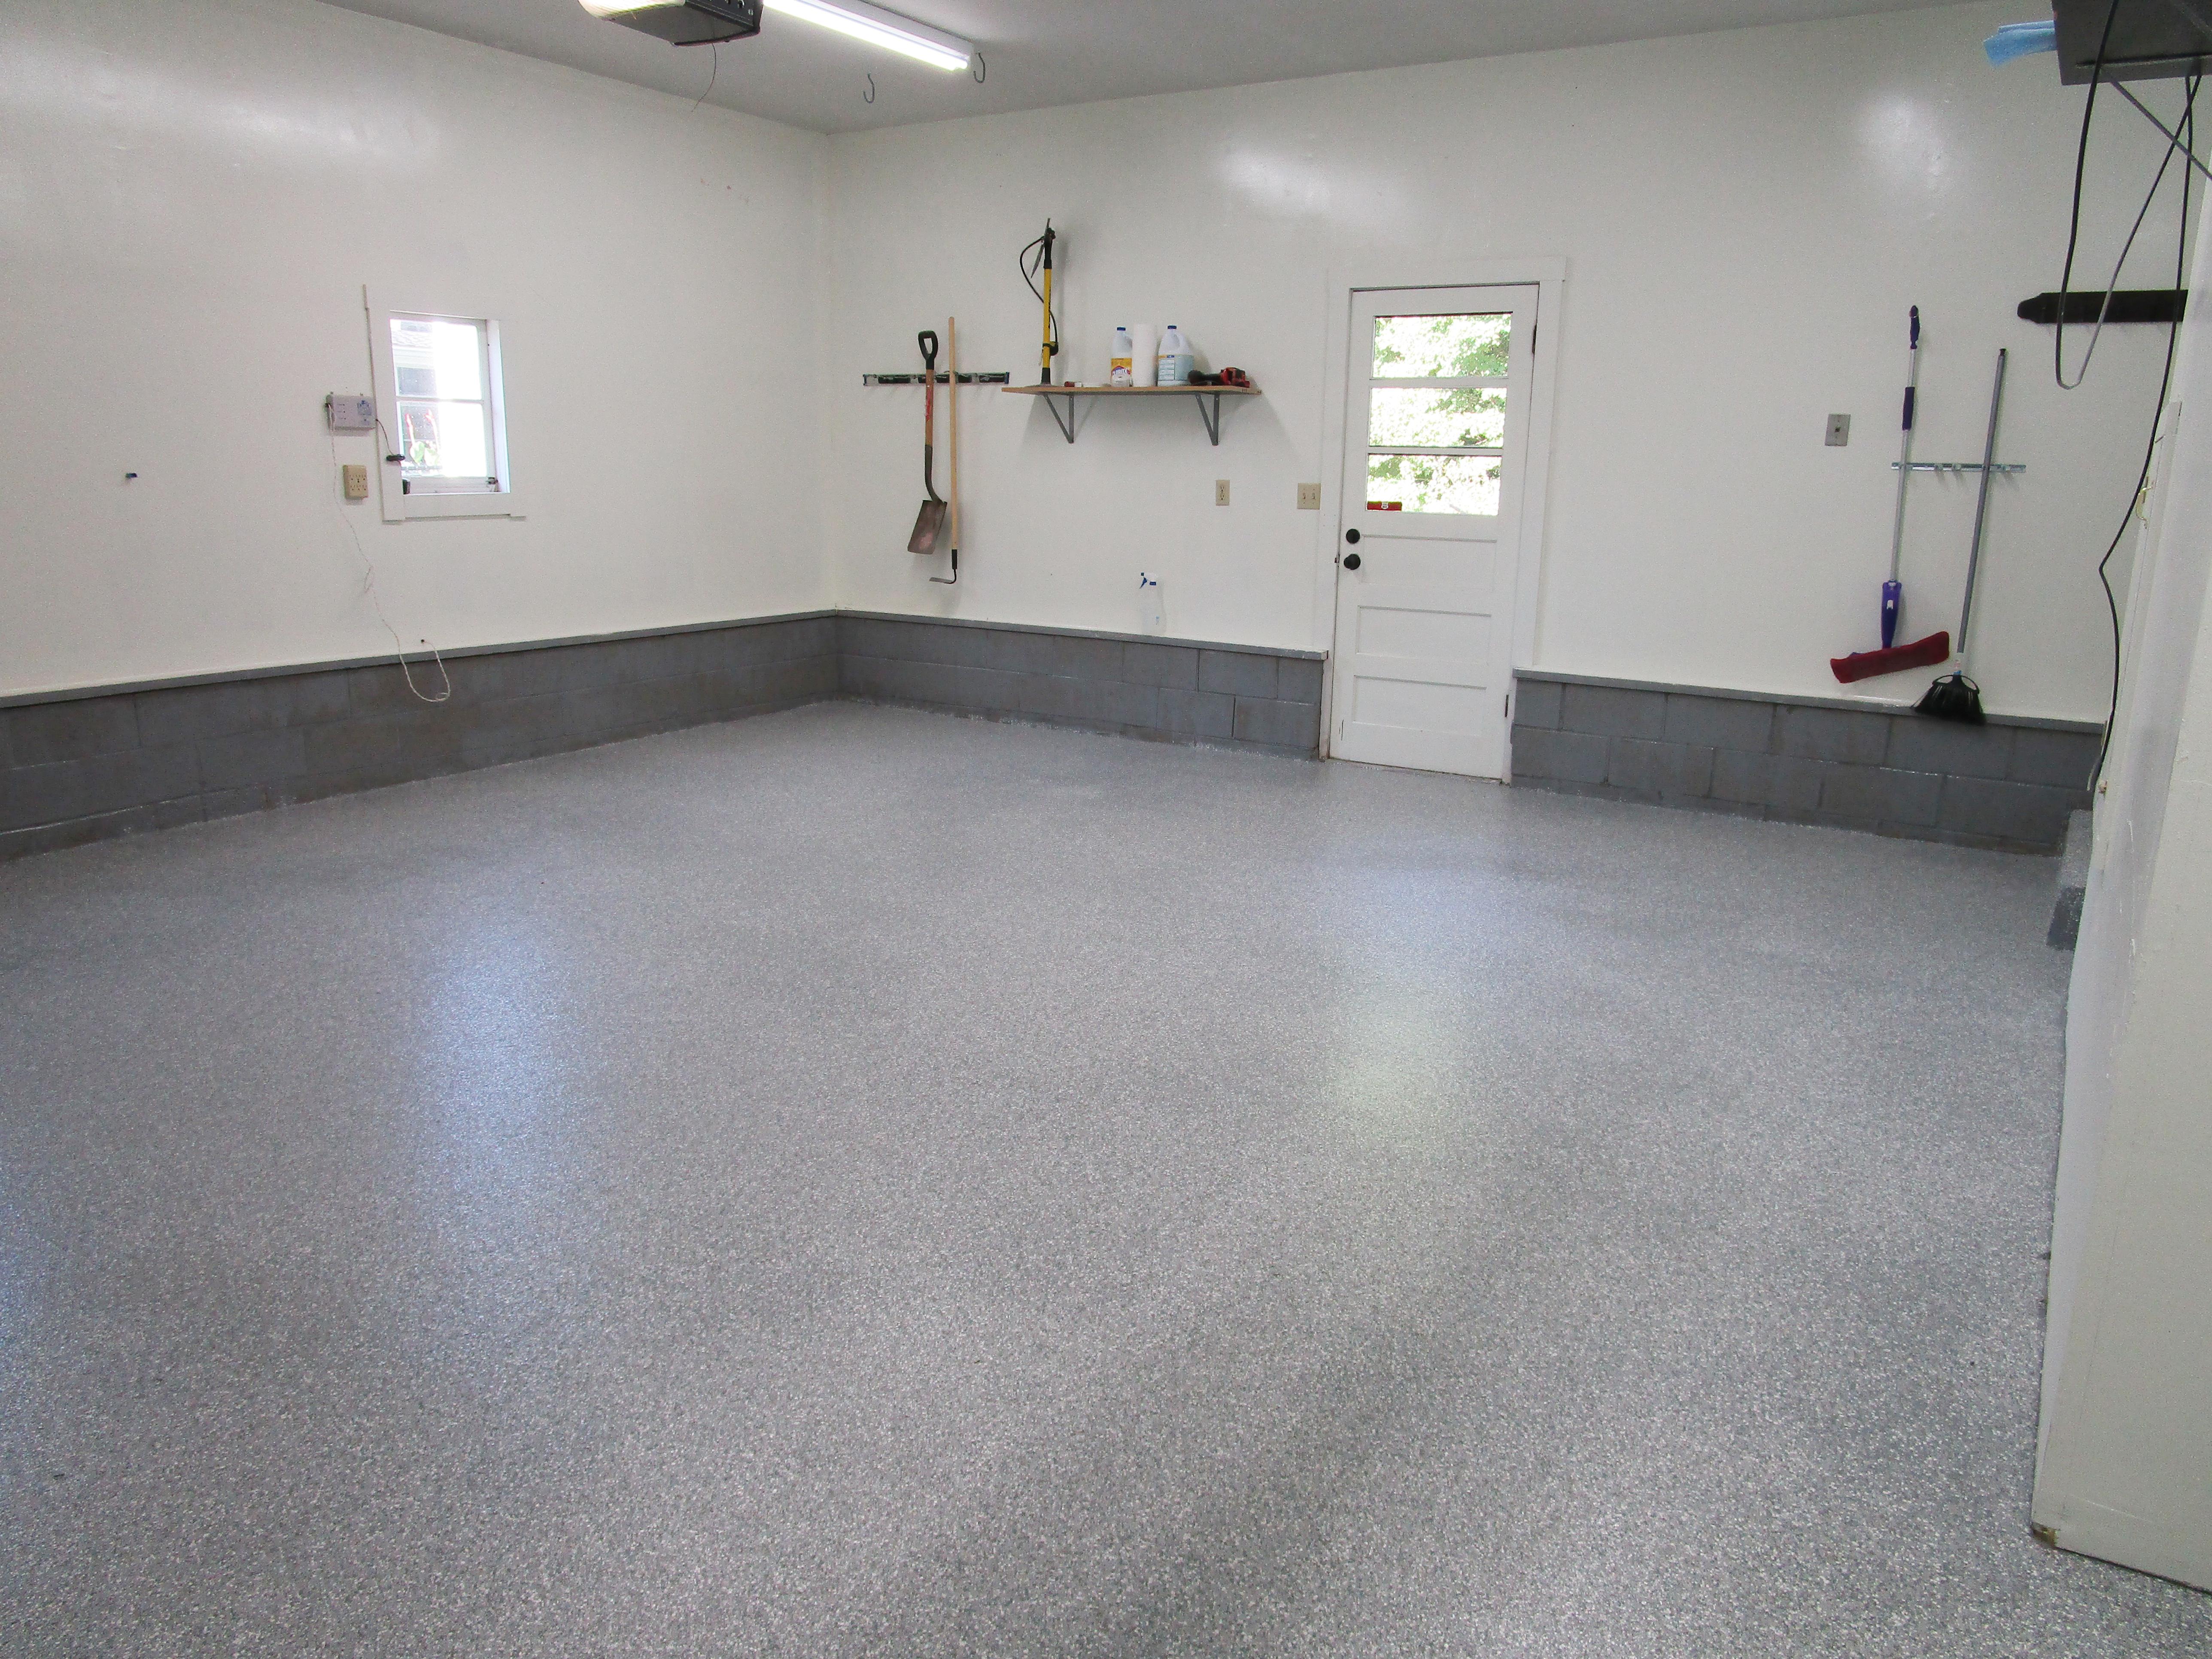 Polyaspartic Home Garage Floor Coating In Cedar Rapids